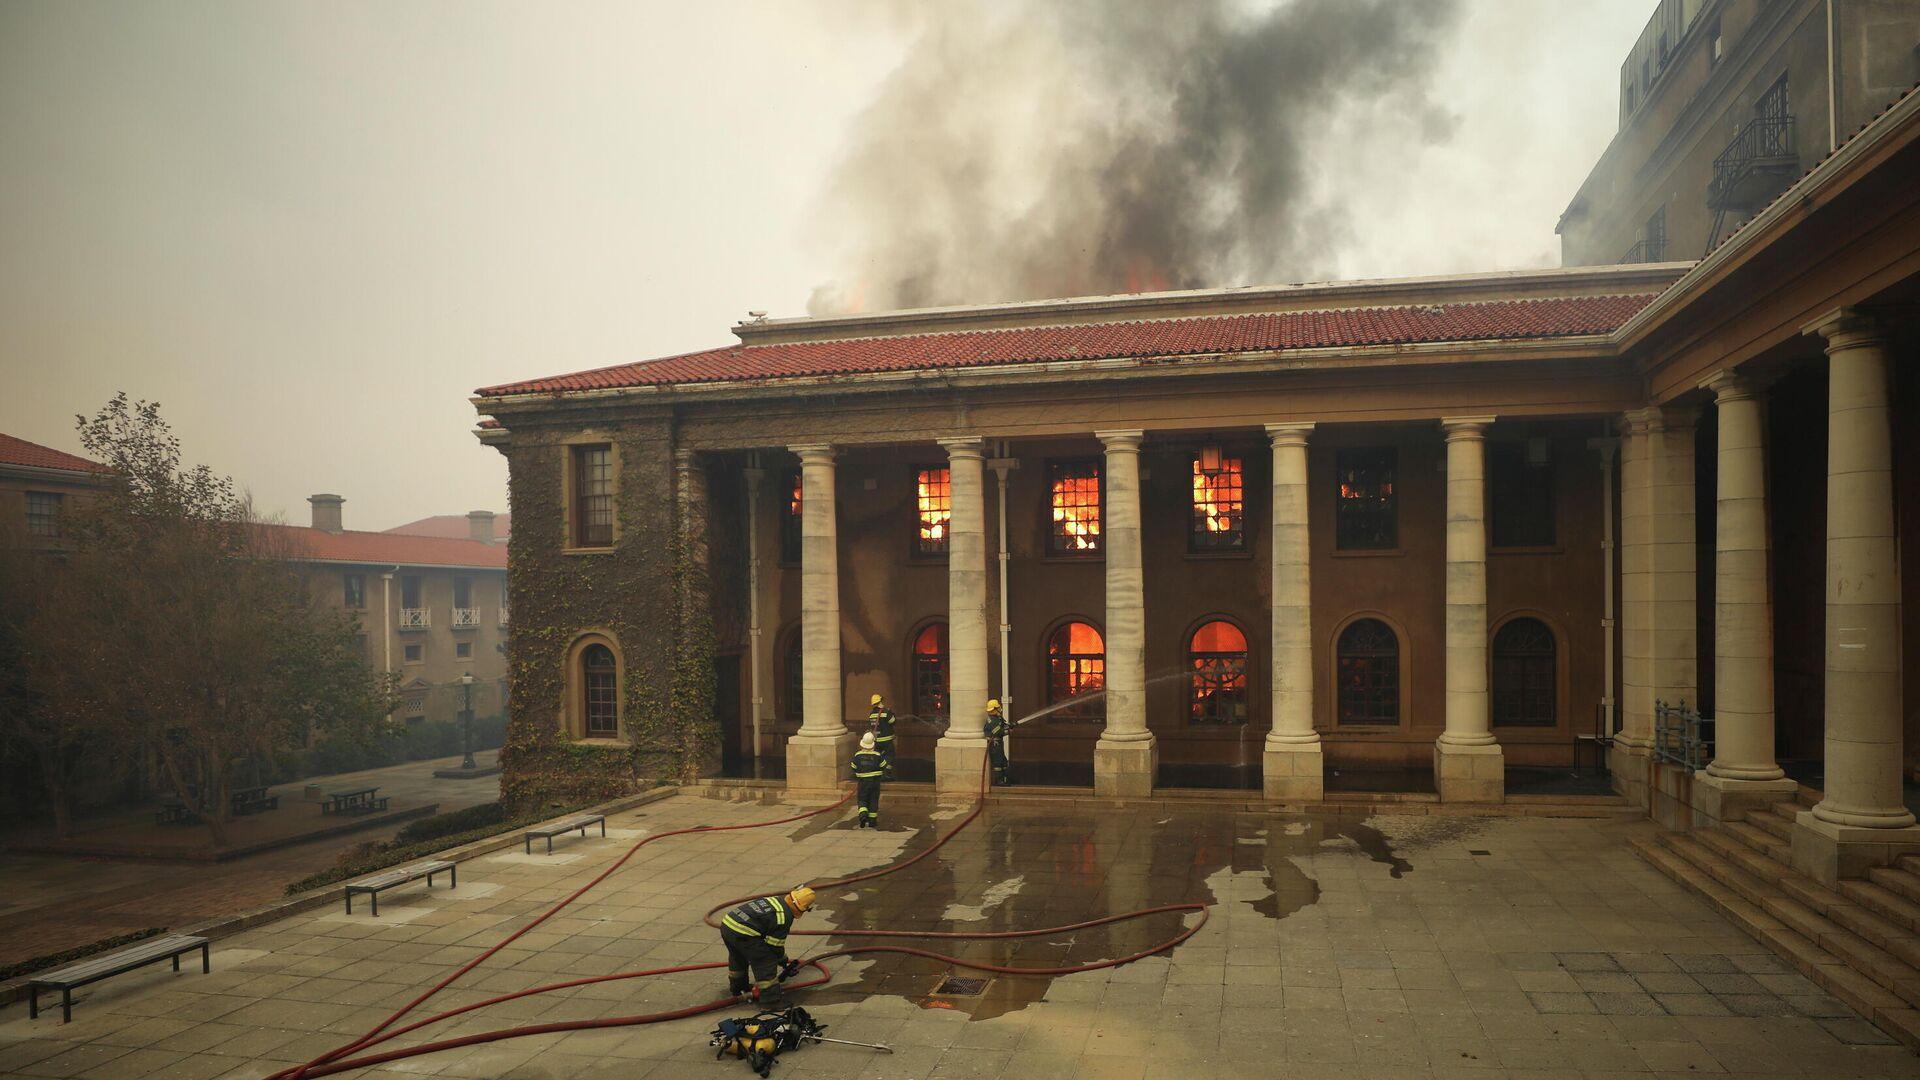 Incendio en la biblioteca de la Universidad de Ciudad del Cabo - Sputnik Mundo, 1920, 18.04.2021